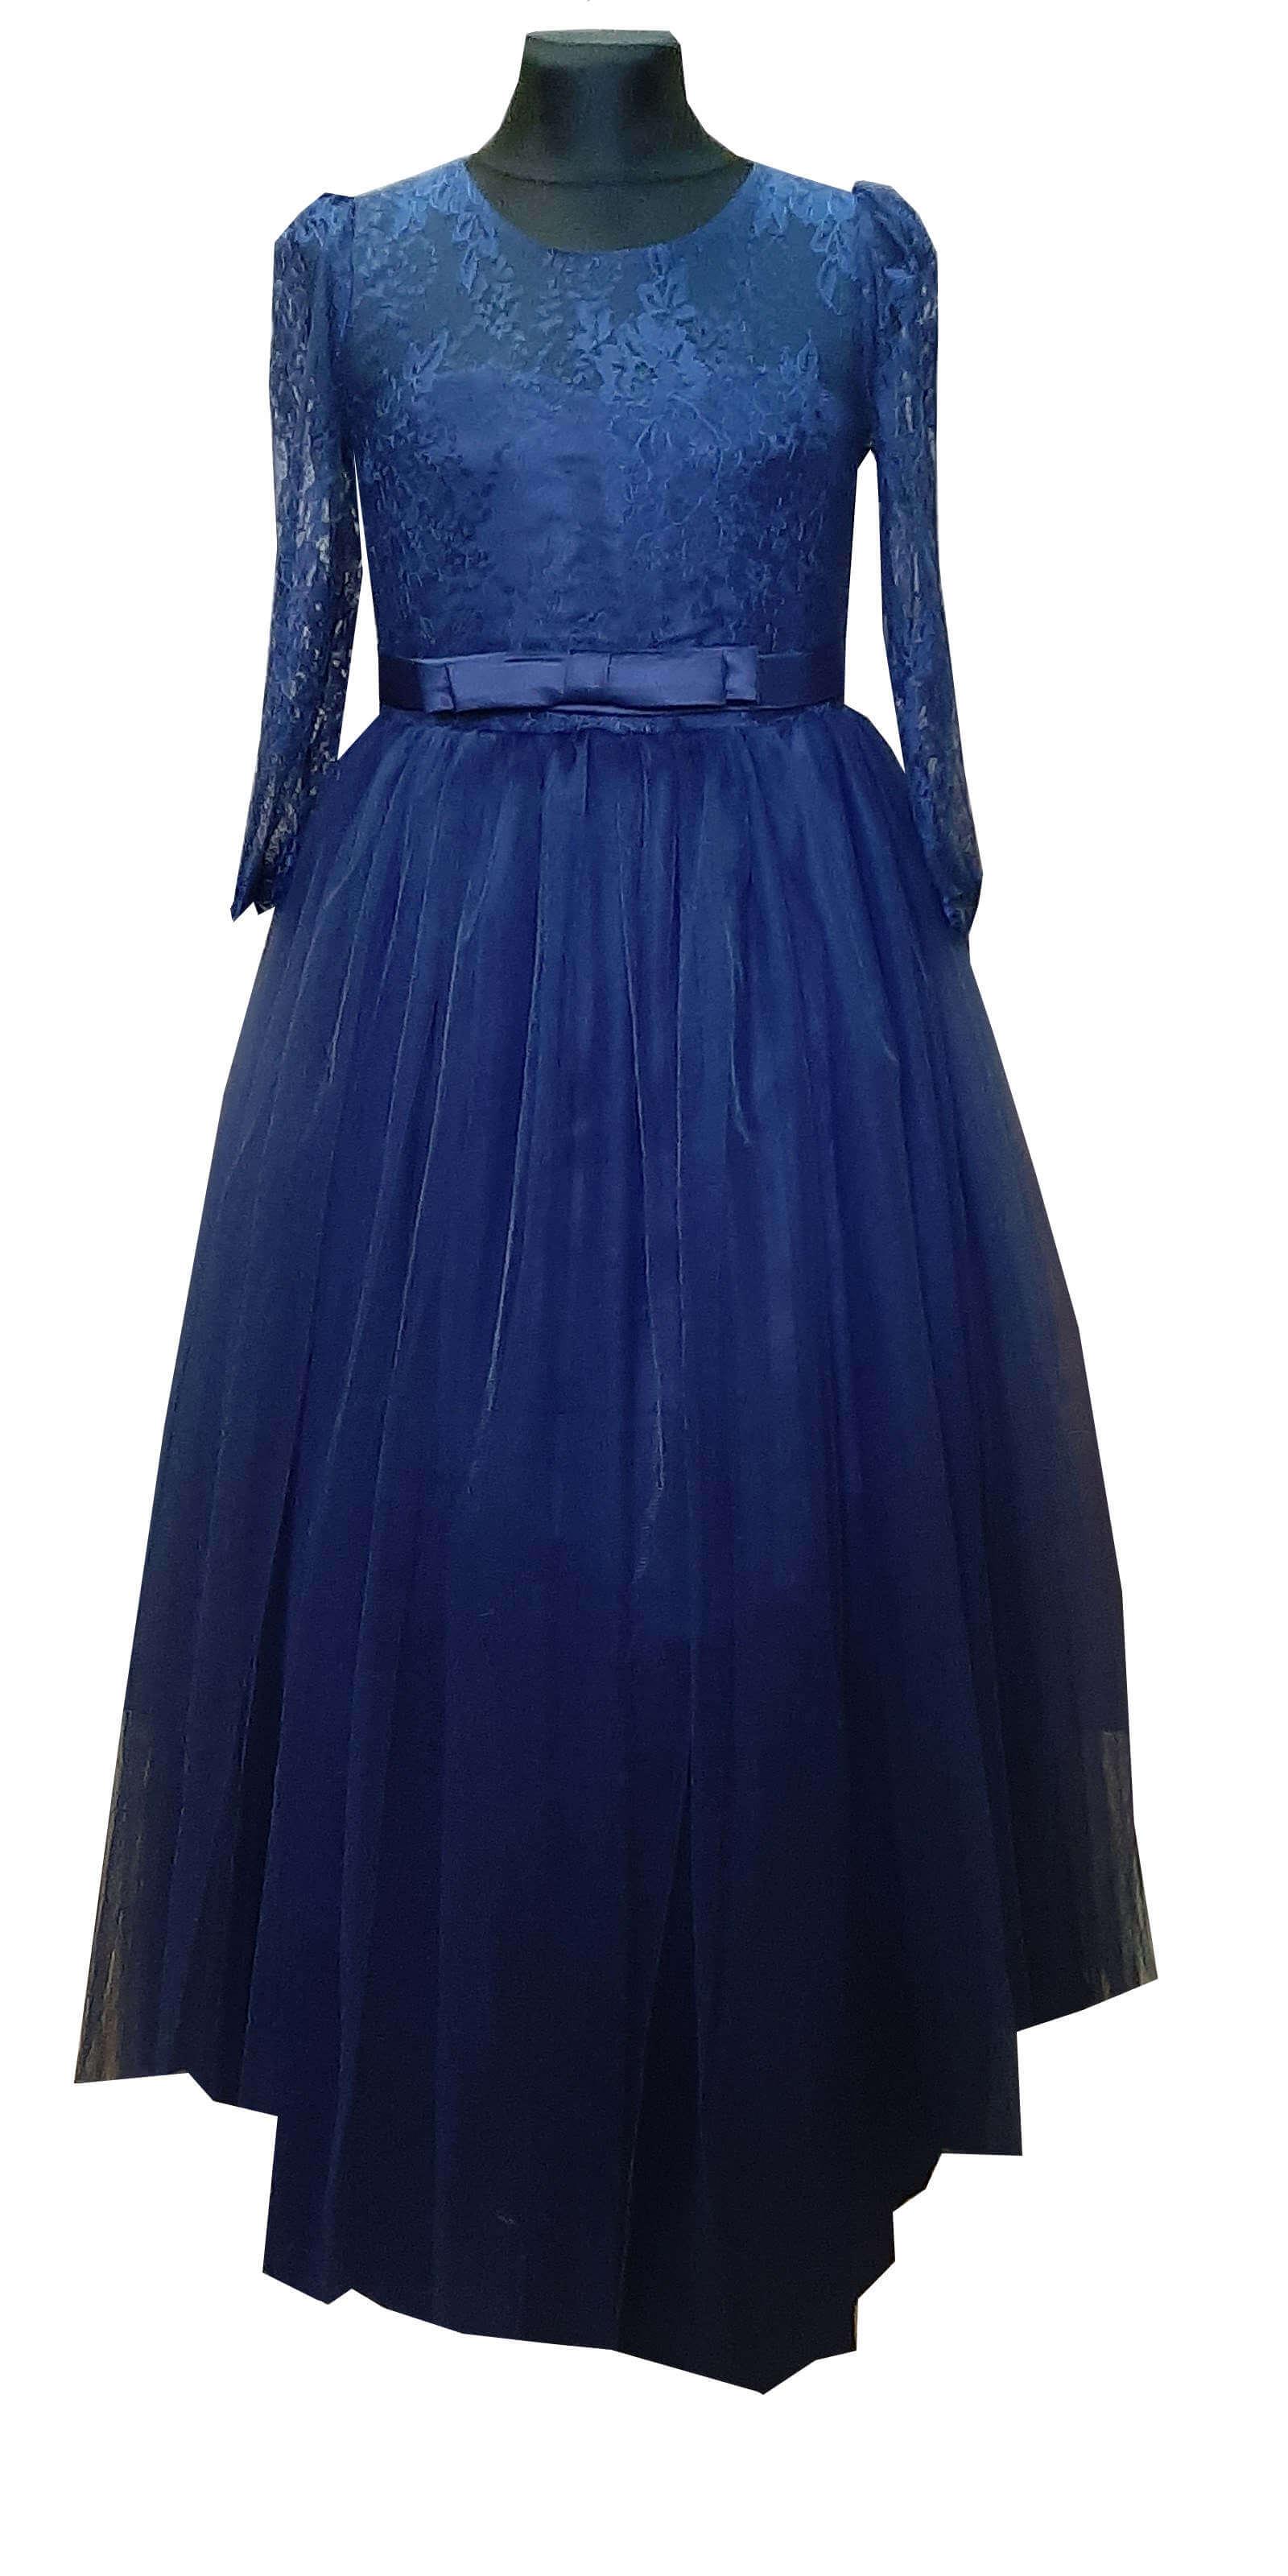 Karalaitės suknelė. Karalienės suknelė. Princesės suknelė. Karnavalinių kostiumų nuoma Vilniuje - pasakunamai.lt